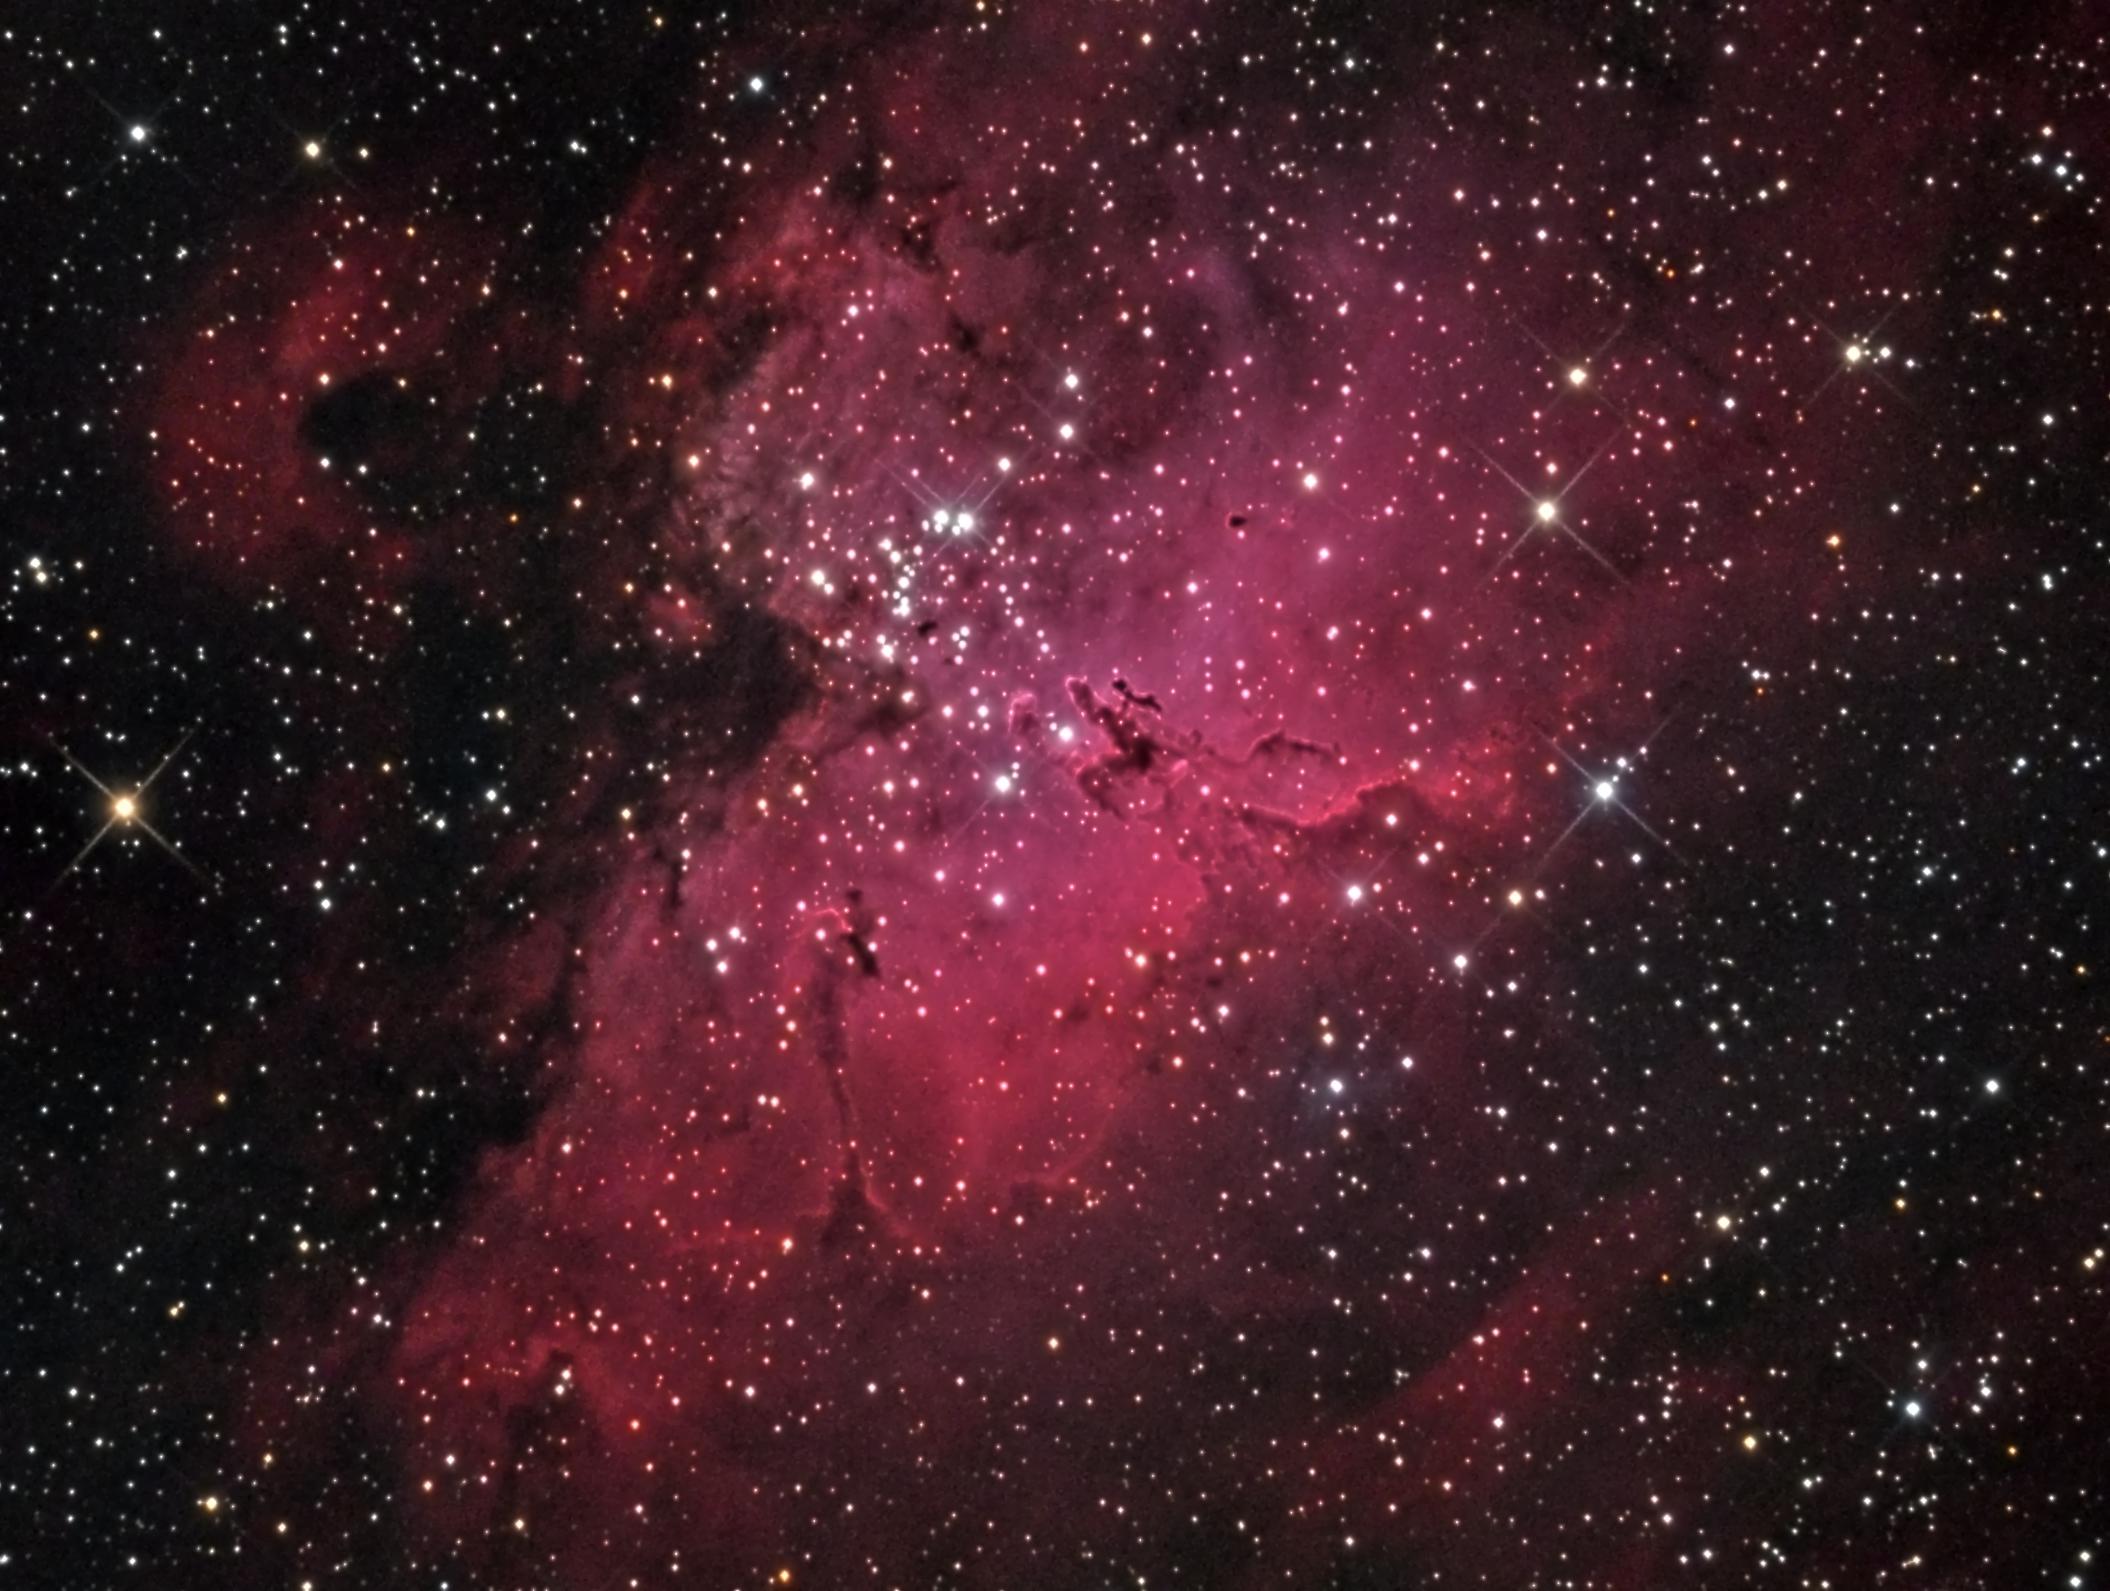 2015 1920x1200 nebula - photo #24